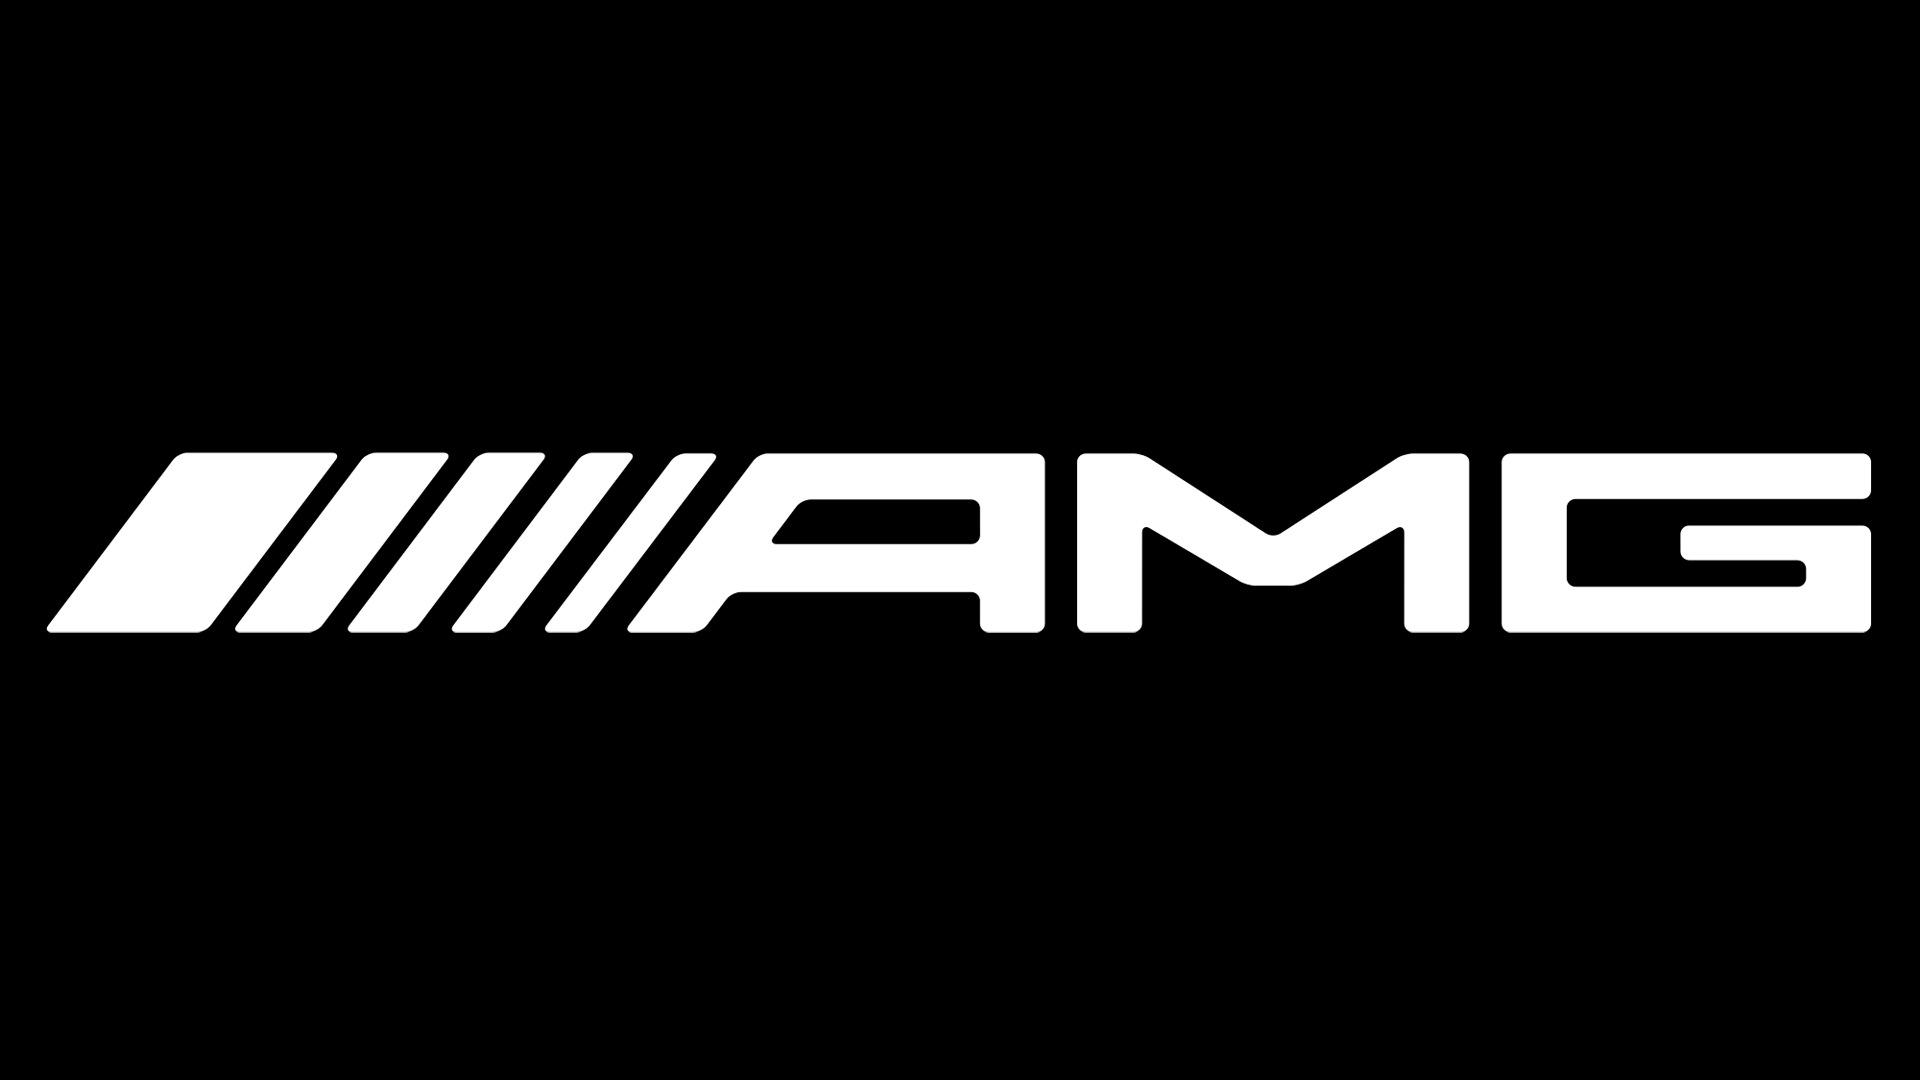 amg logo histoire et signification  evolution  symbole amg